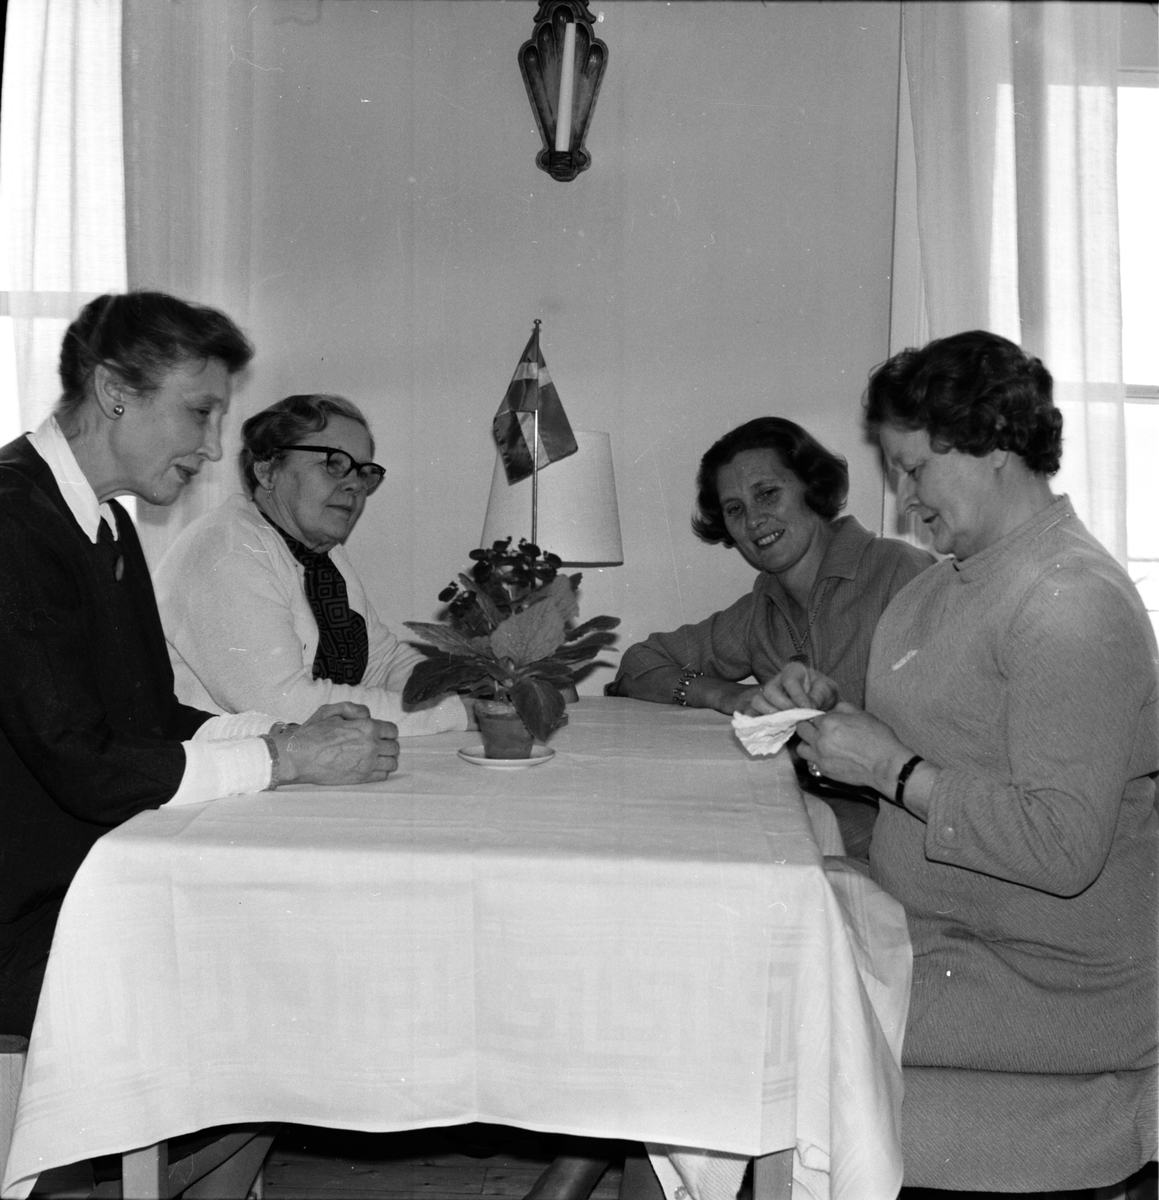 Undersvik, Hemslöjdskurs på Stiftsgården, 28 Jan 1969